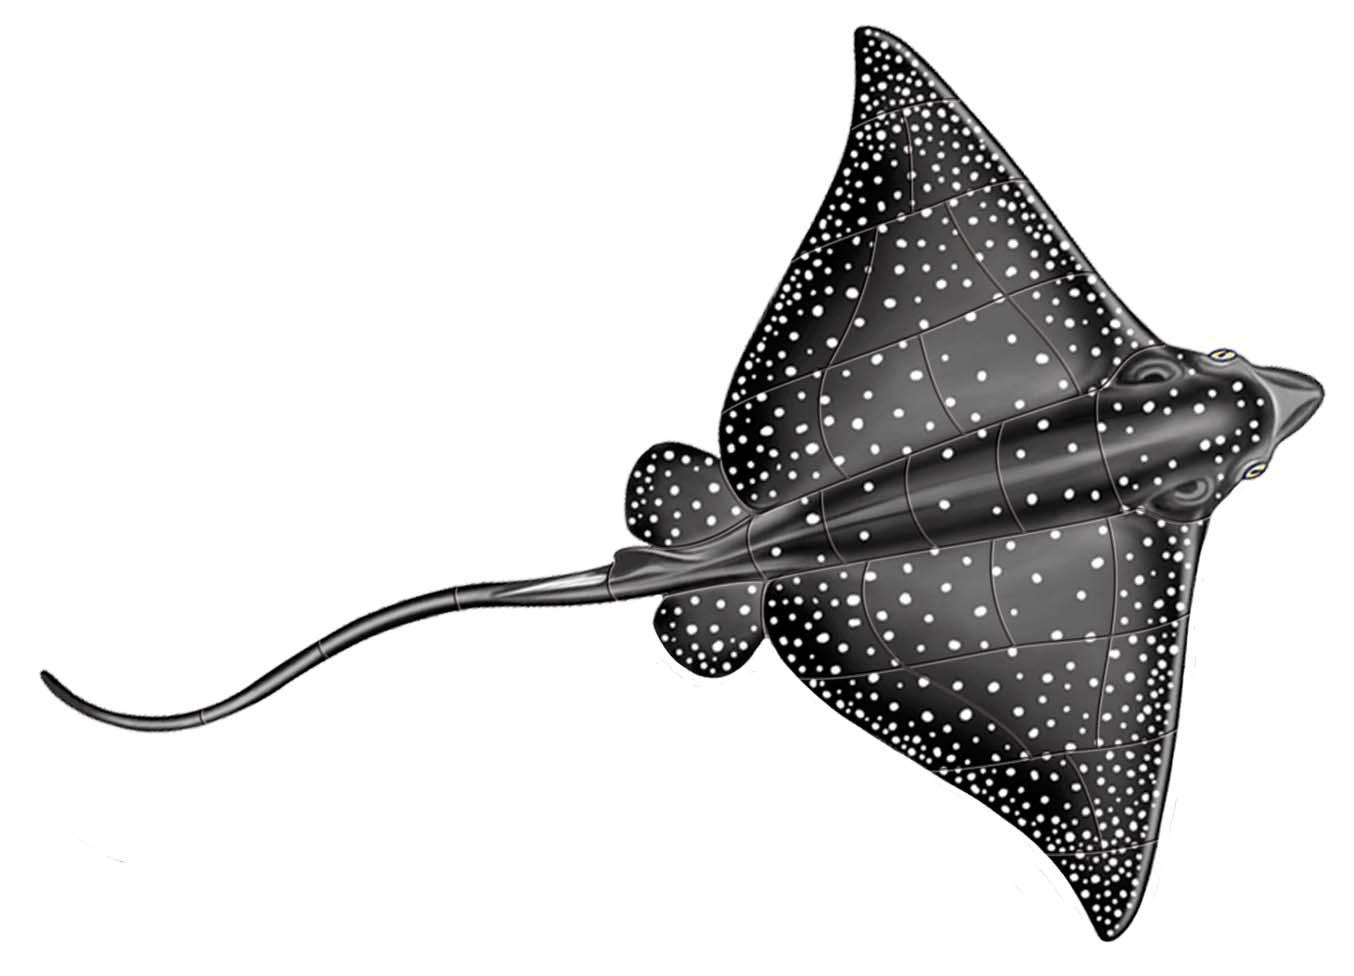 Manta Rays / Stingrays